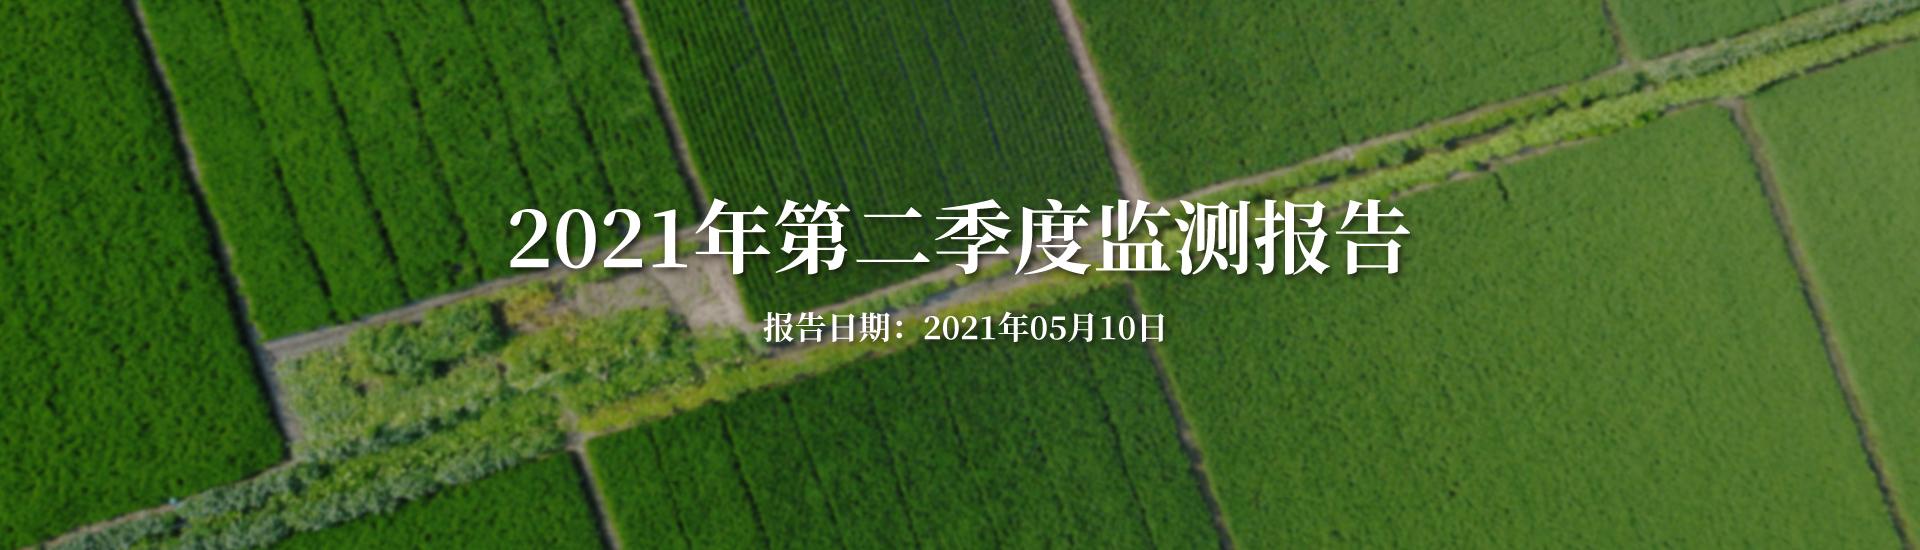 污染物排放监测报告20210209